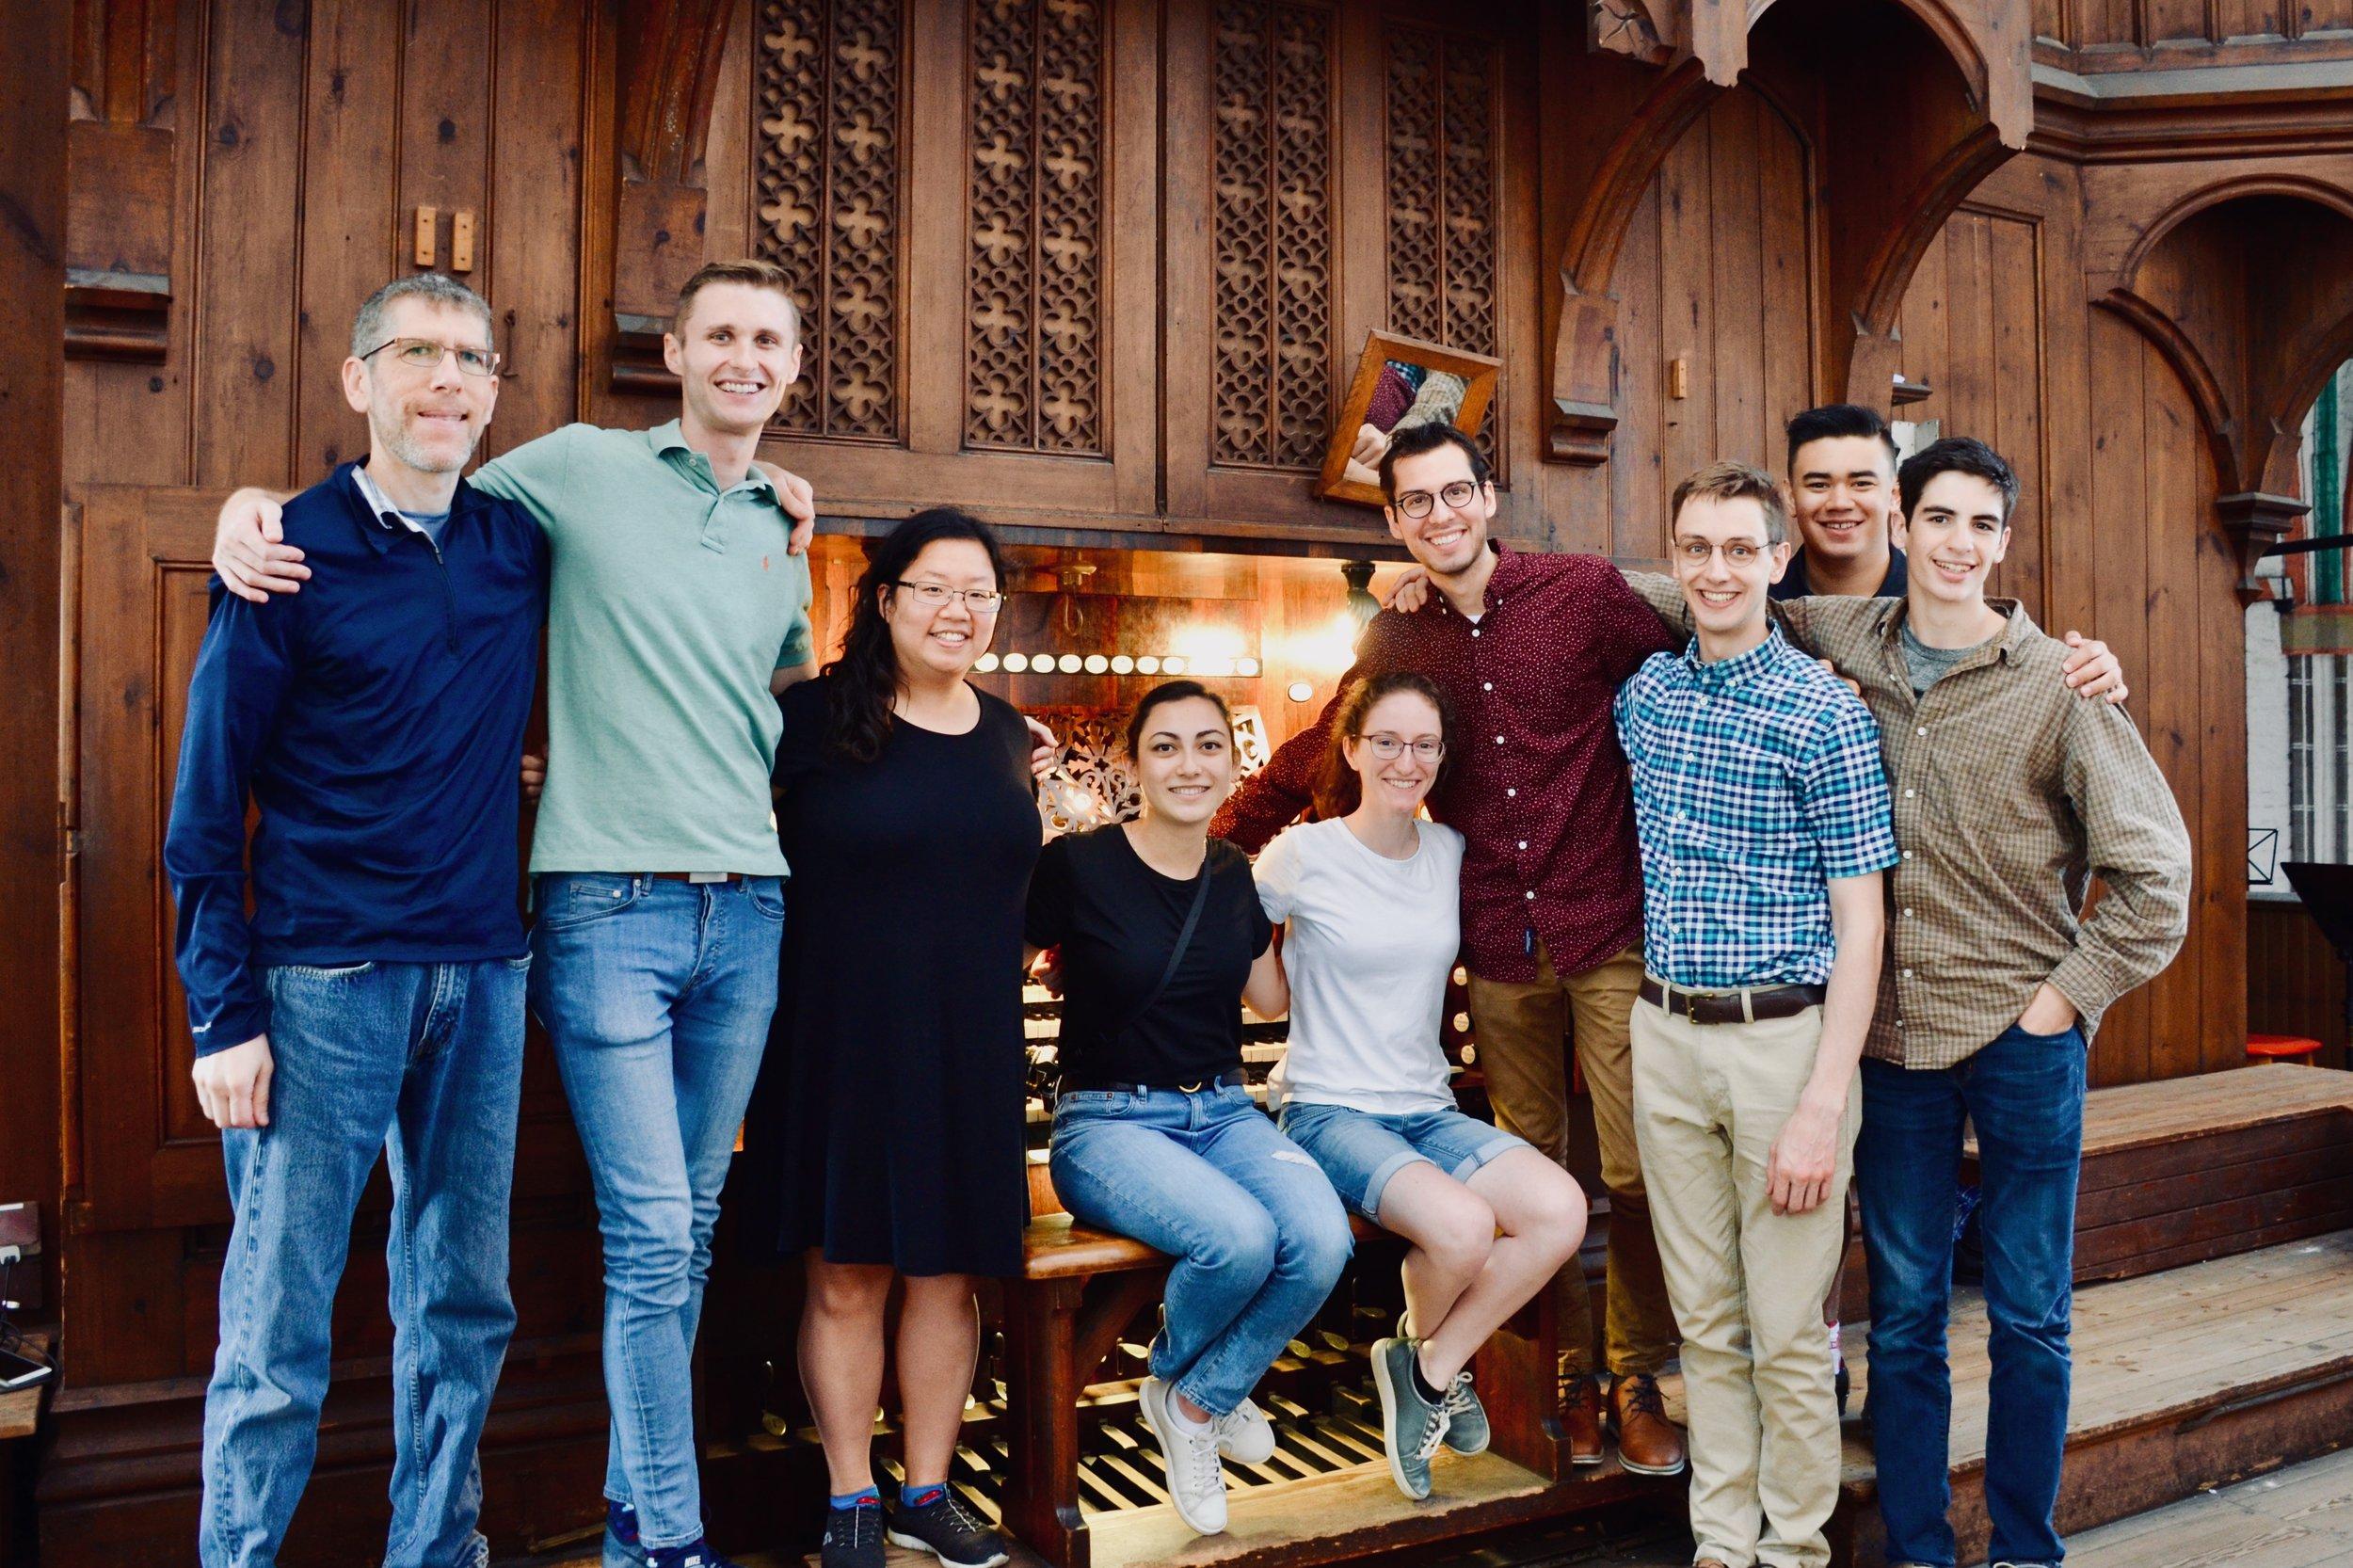 Members of the group, 1871 Ladegast Organ, Schwerin Dom. Boston Organ Studio.